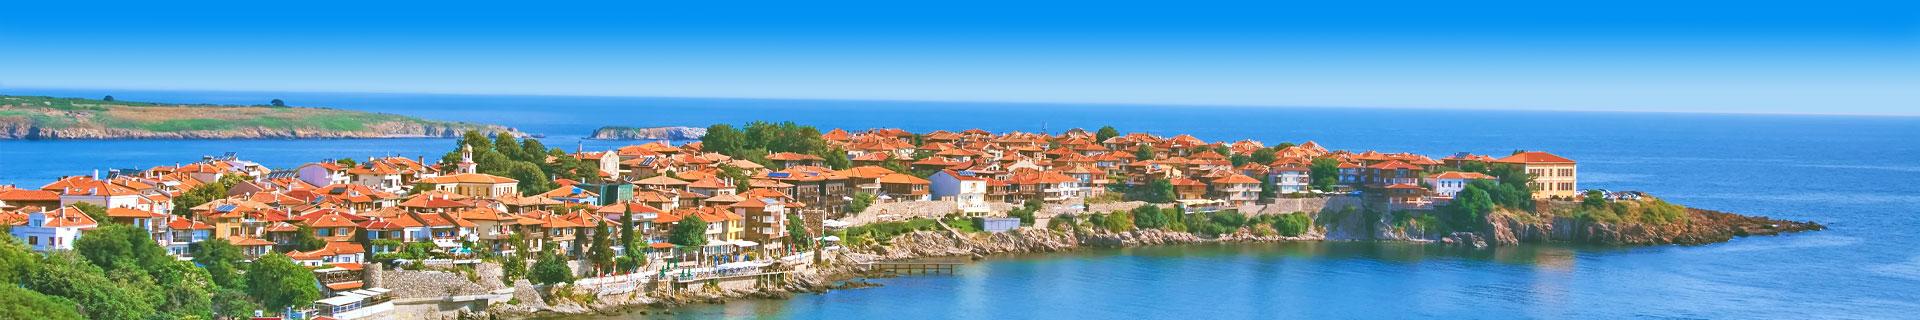 kan ik op vakantie naar bulgarije